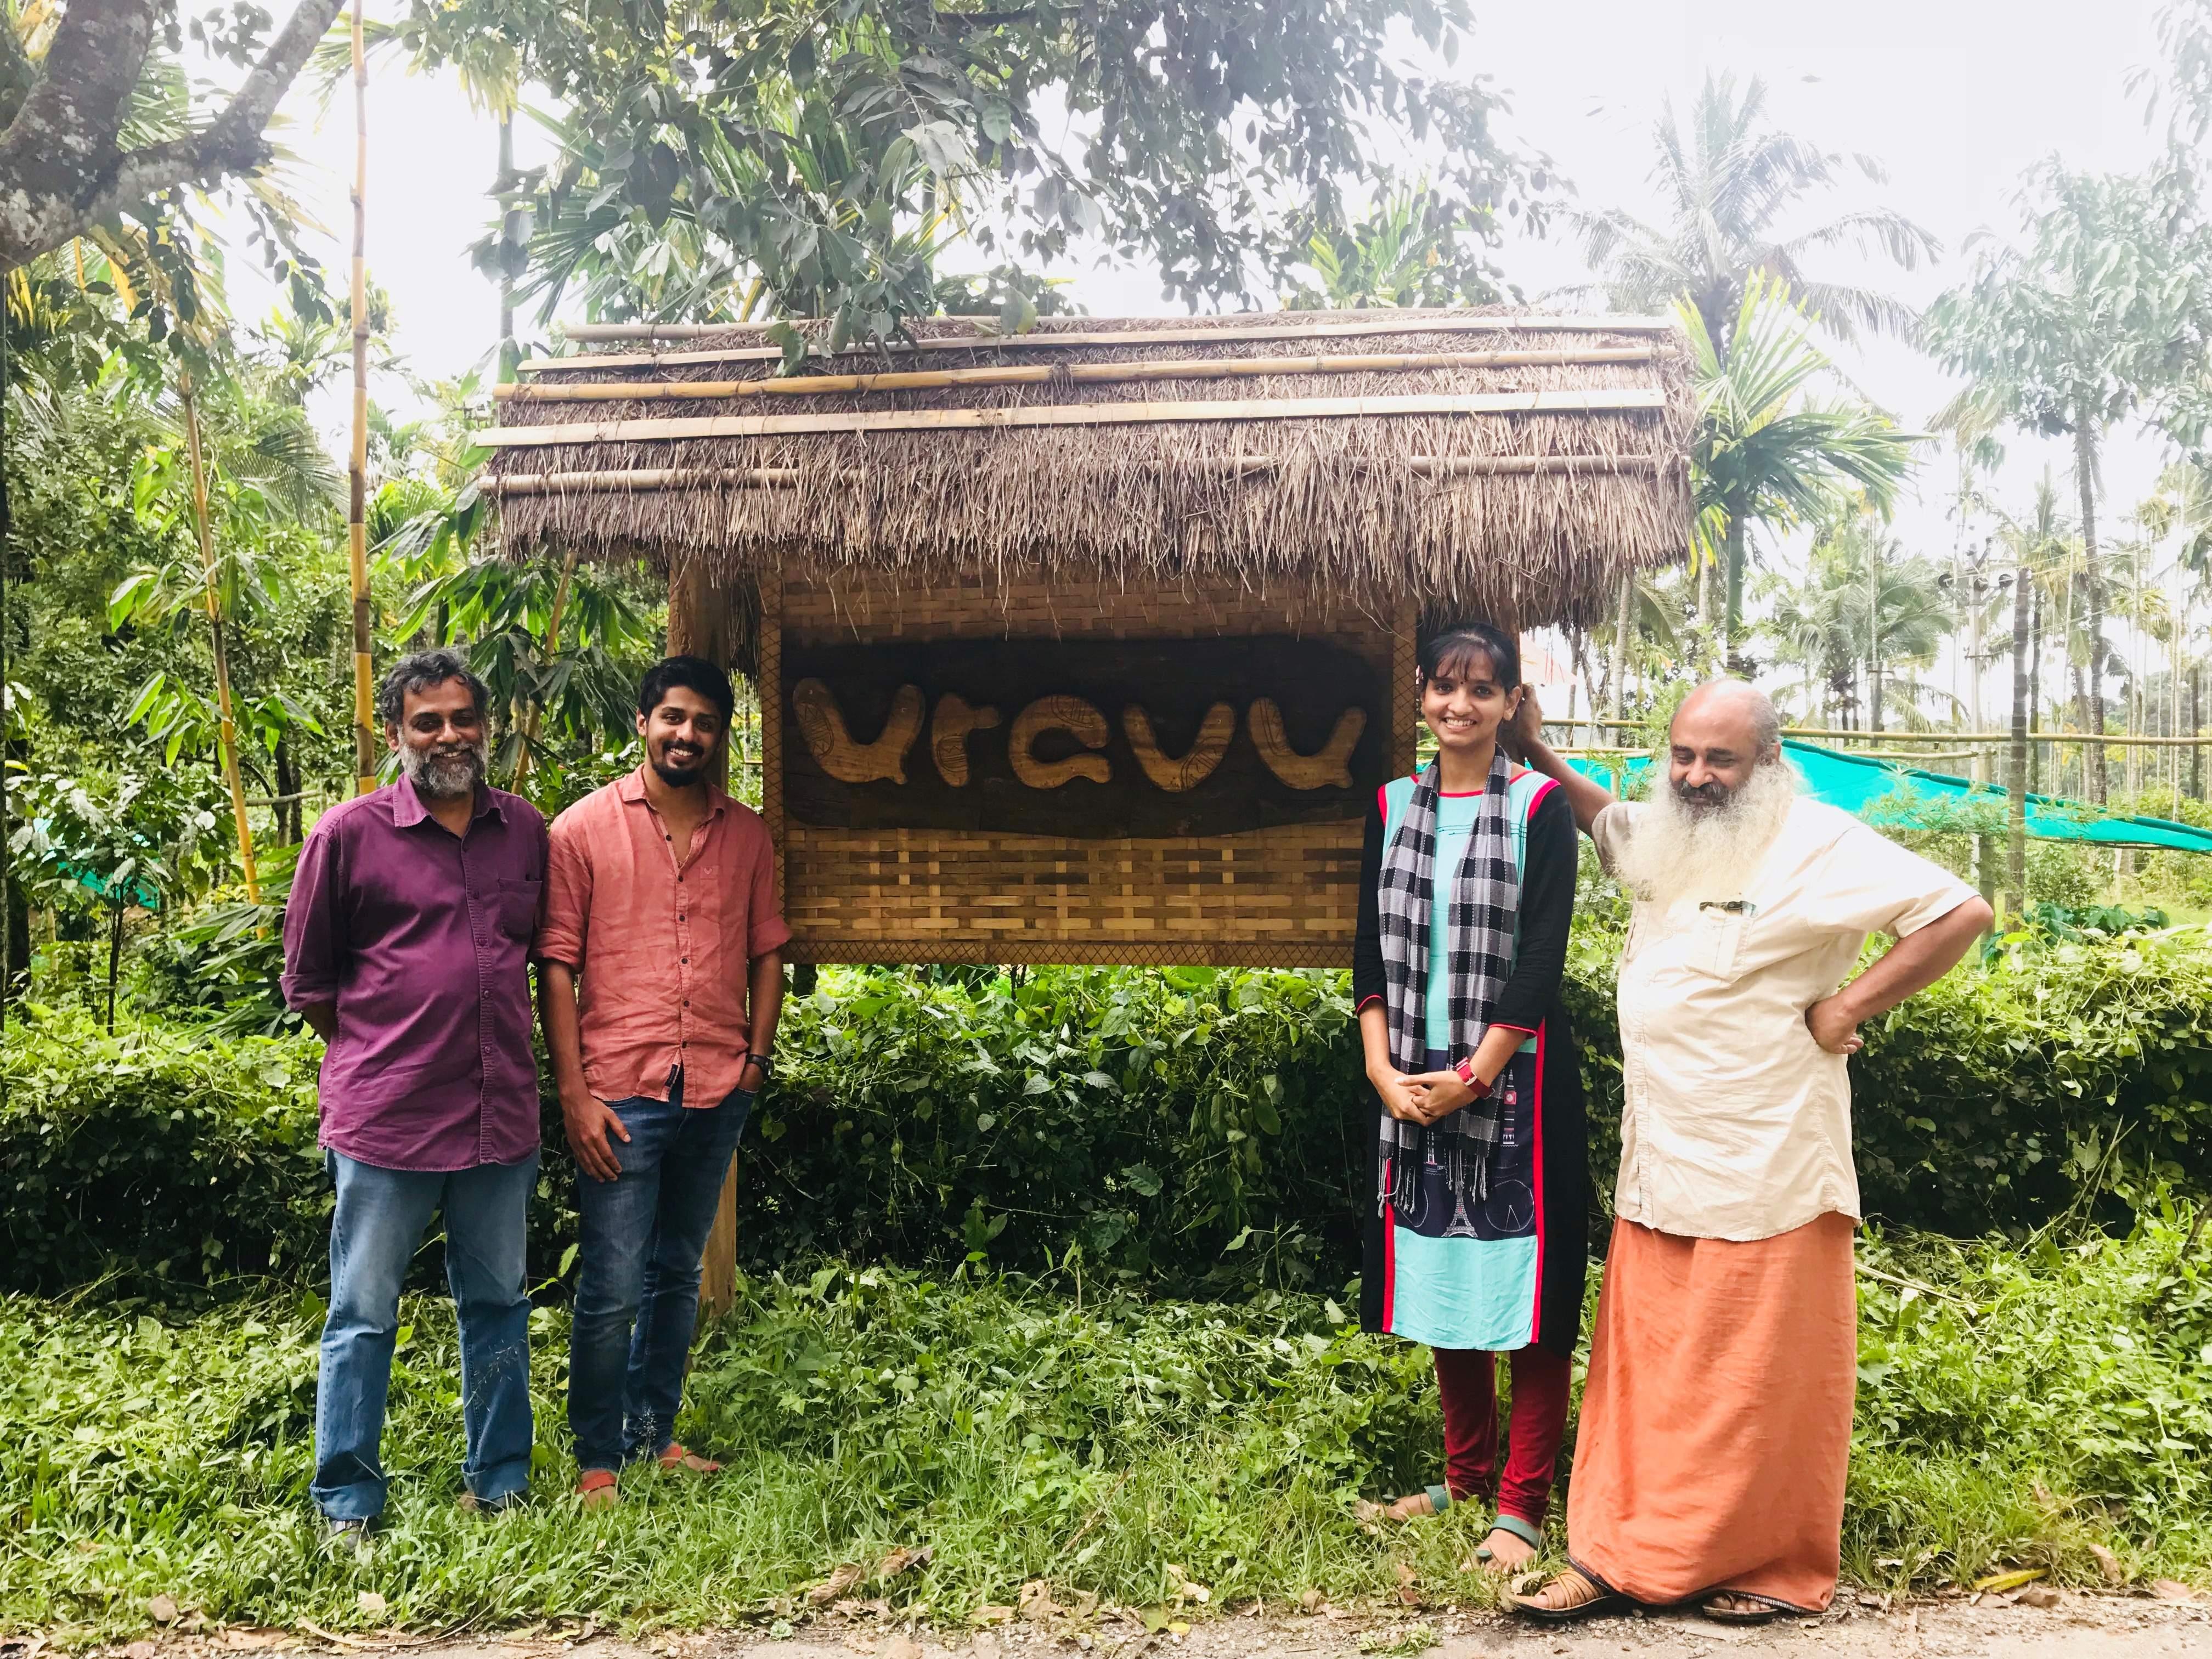 The Uravu campus